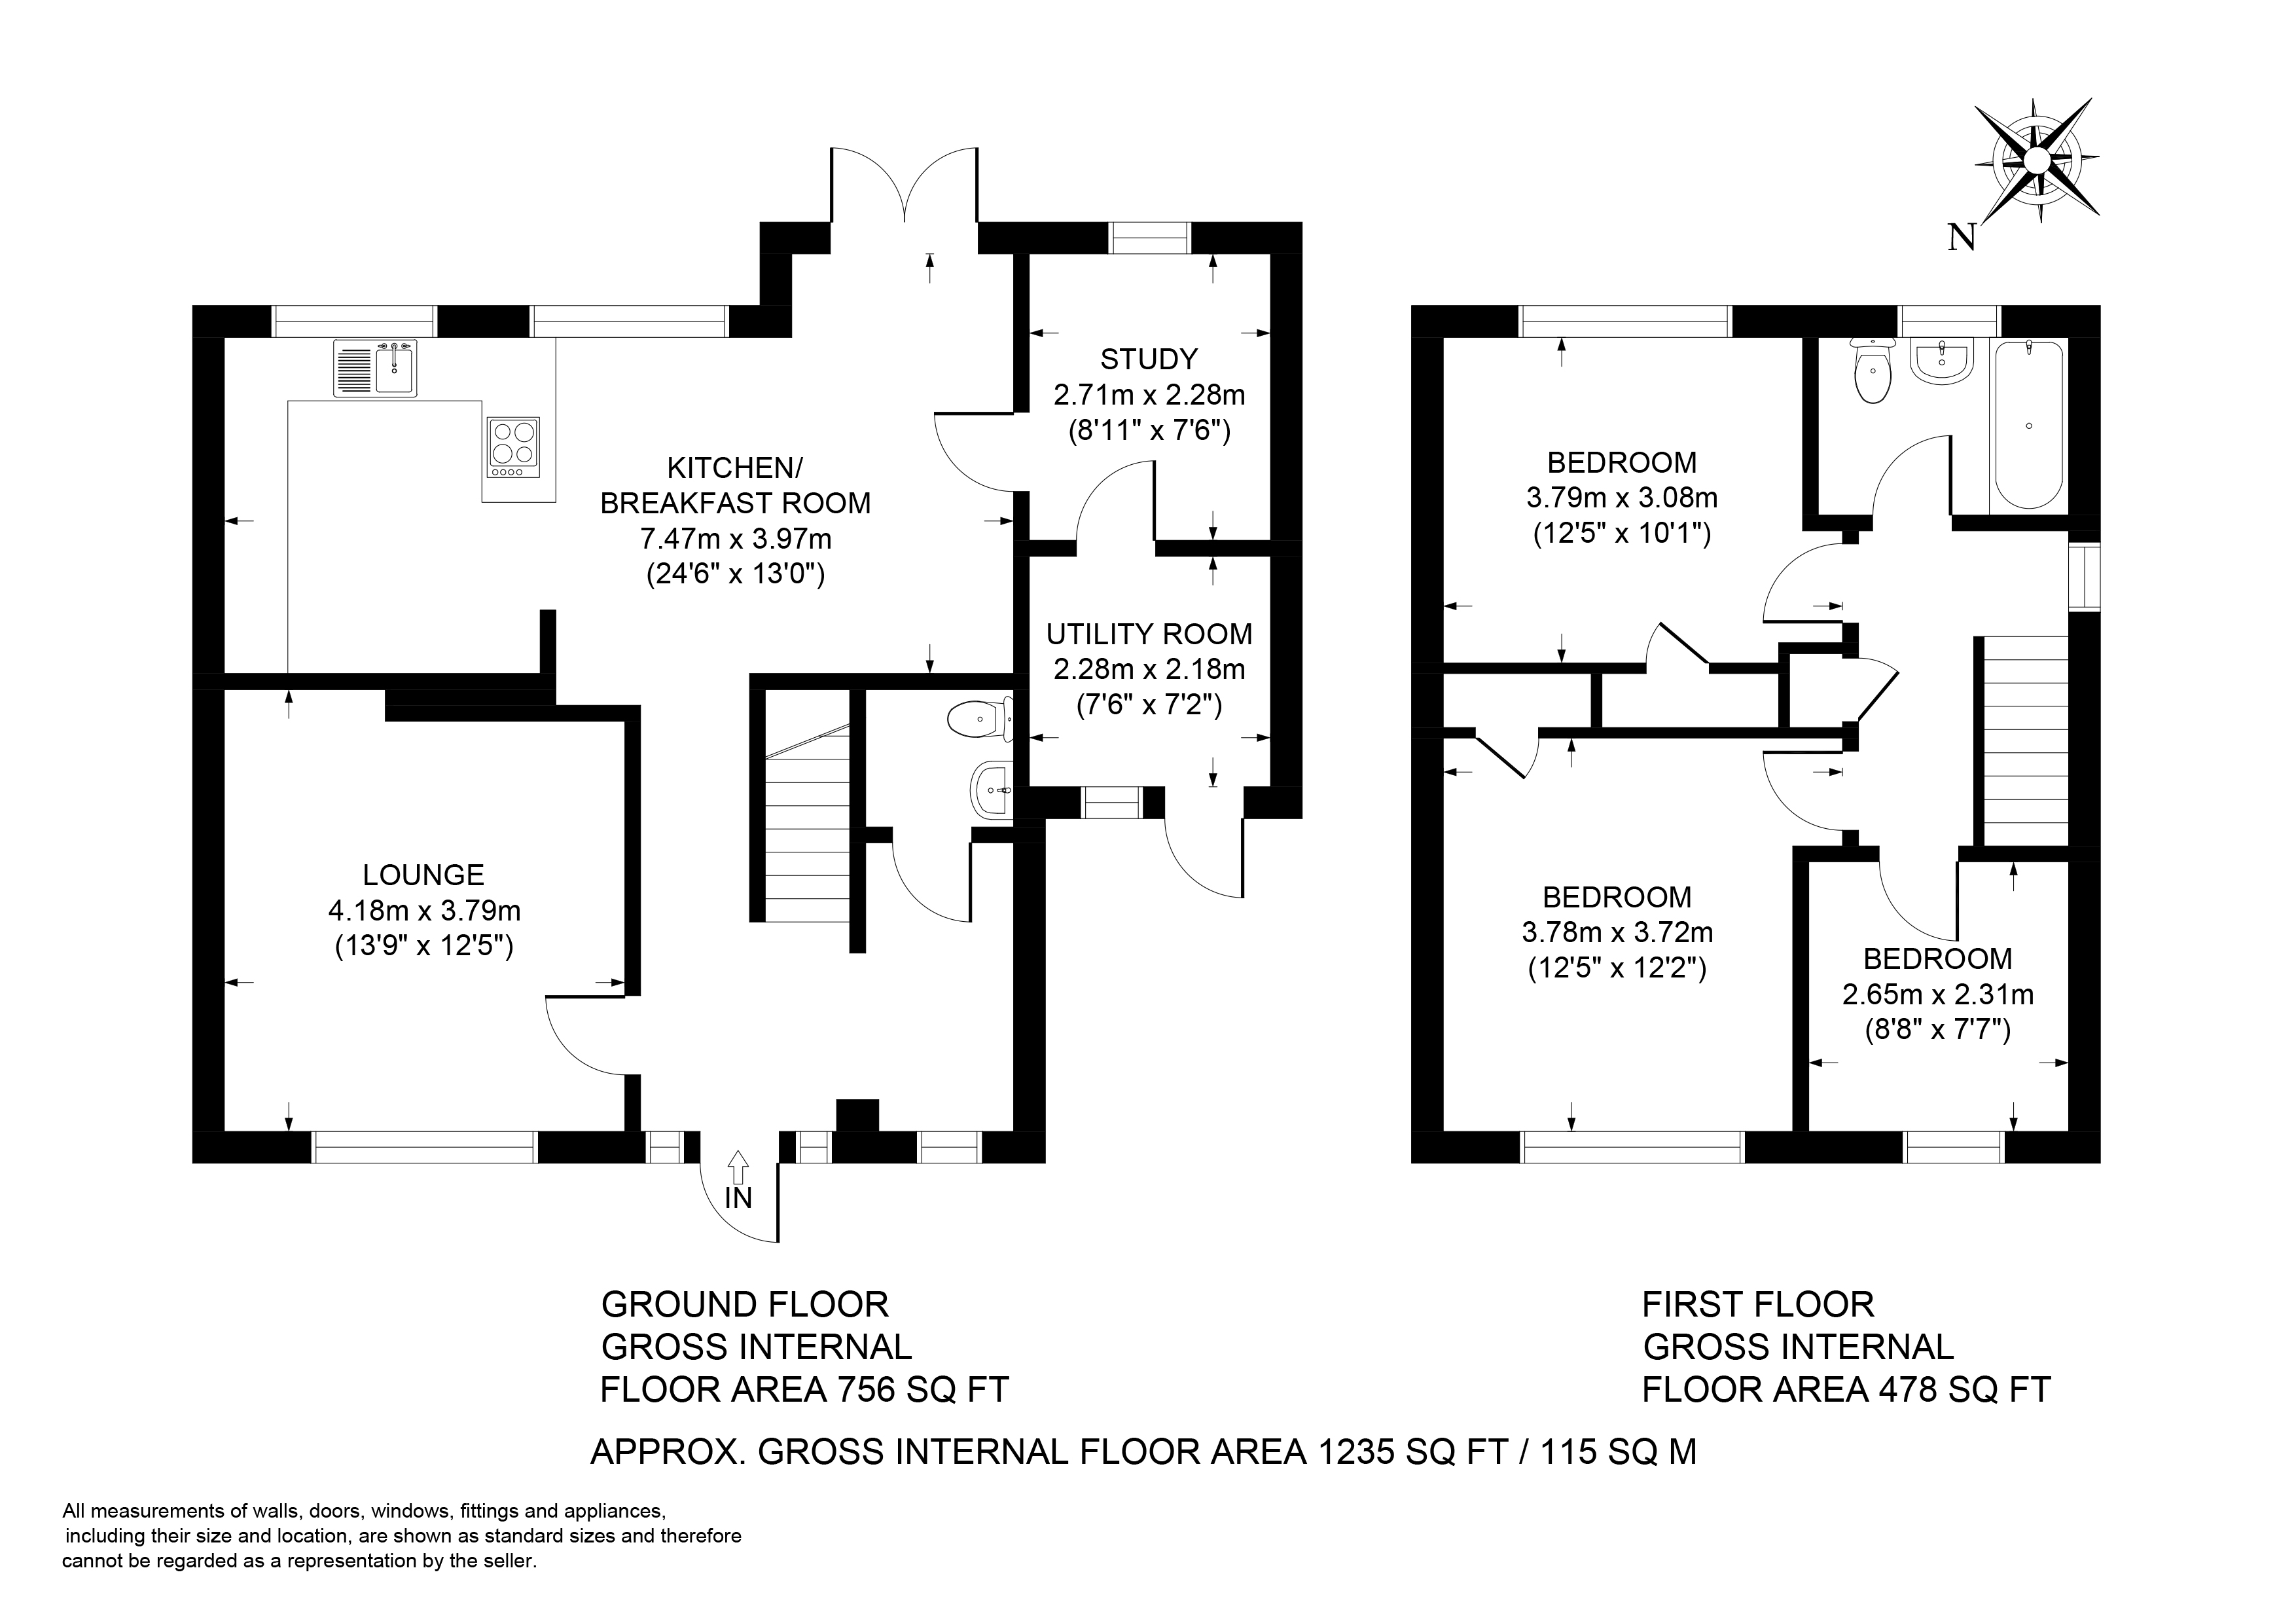 a79cf70940df591514e62092d3de5884404c48f7 Top Result 50 New 7 Bedroom House Plans Gallery 2017 Hgd6